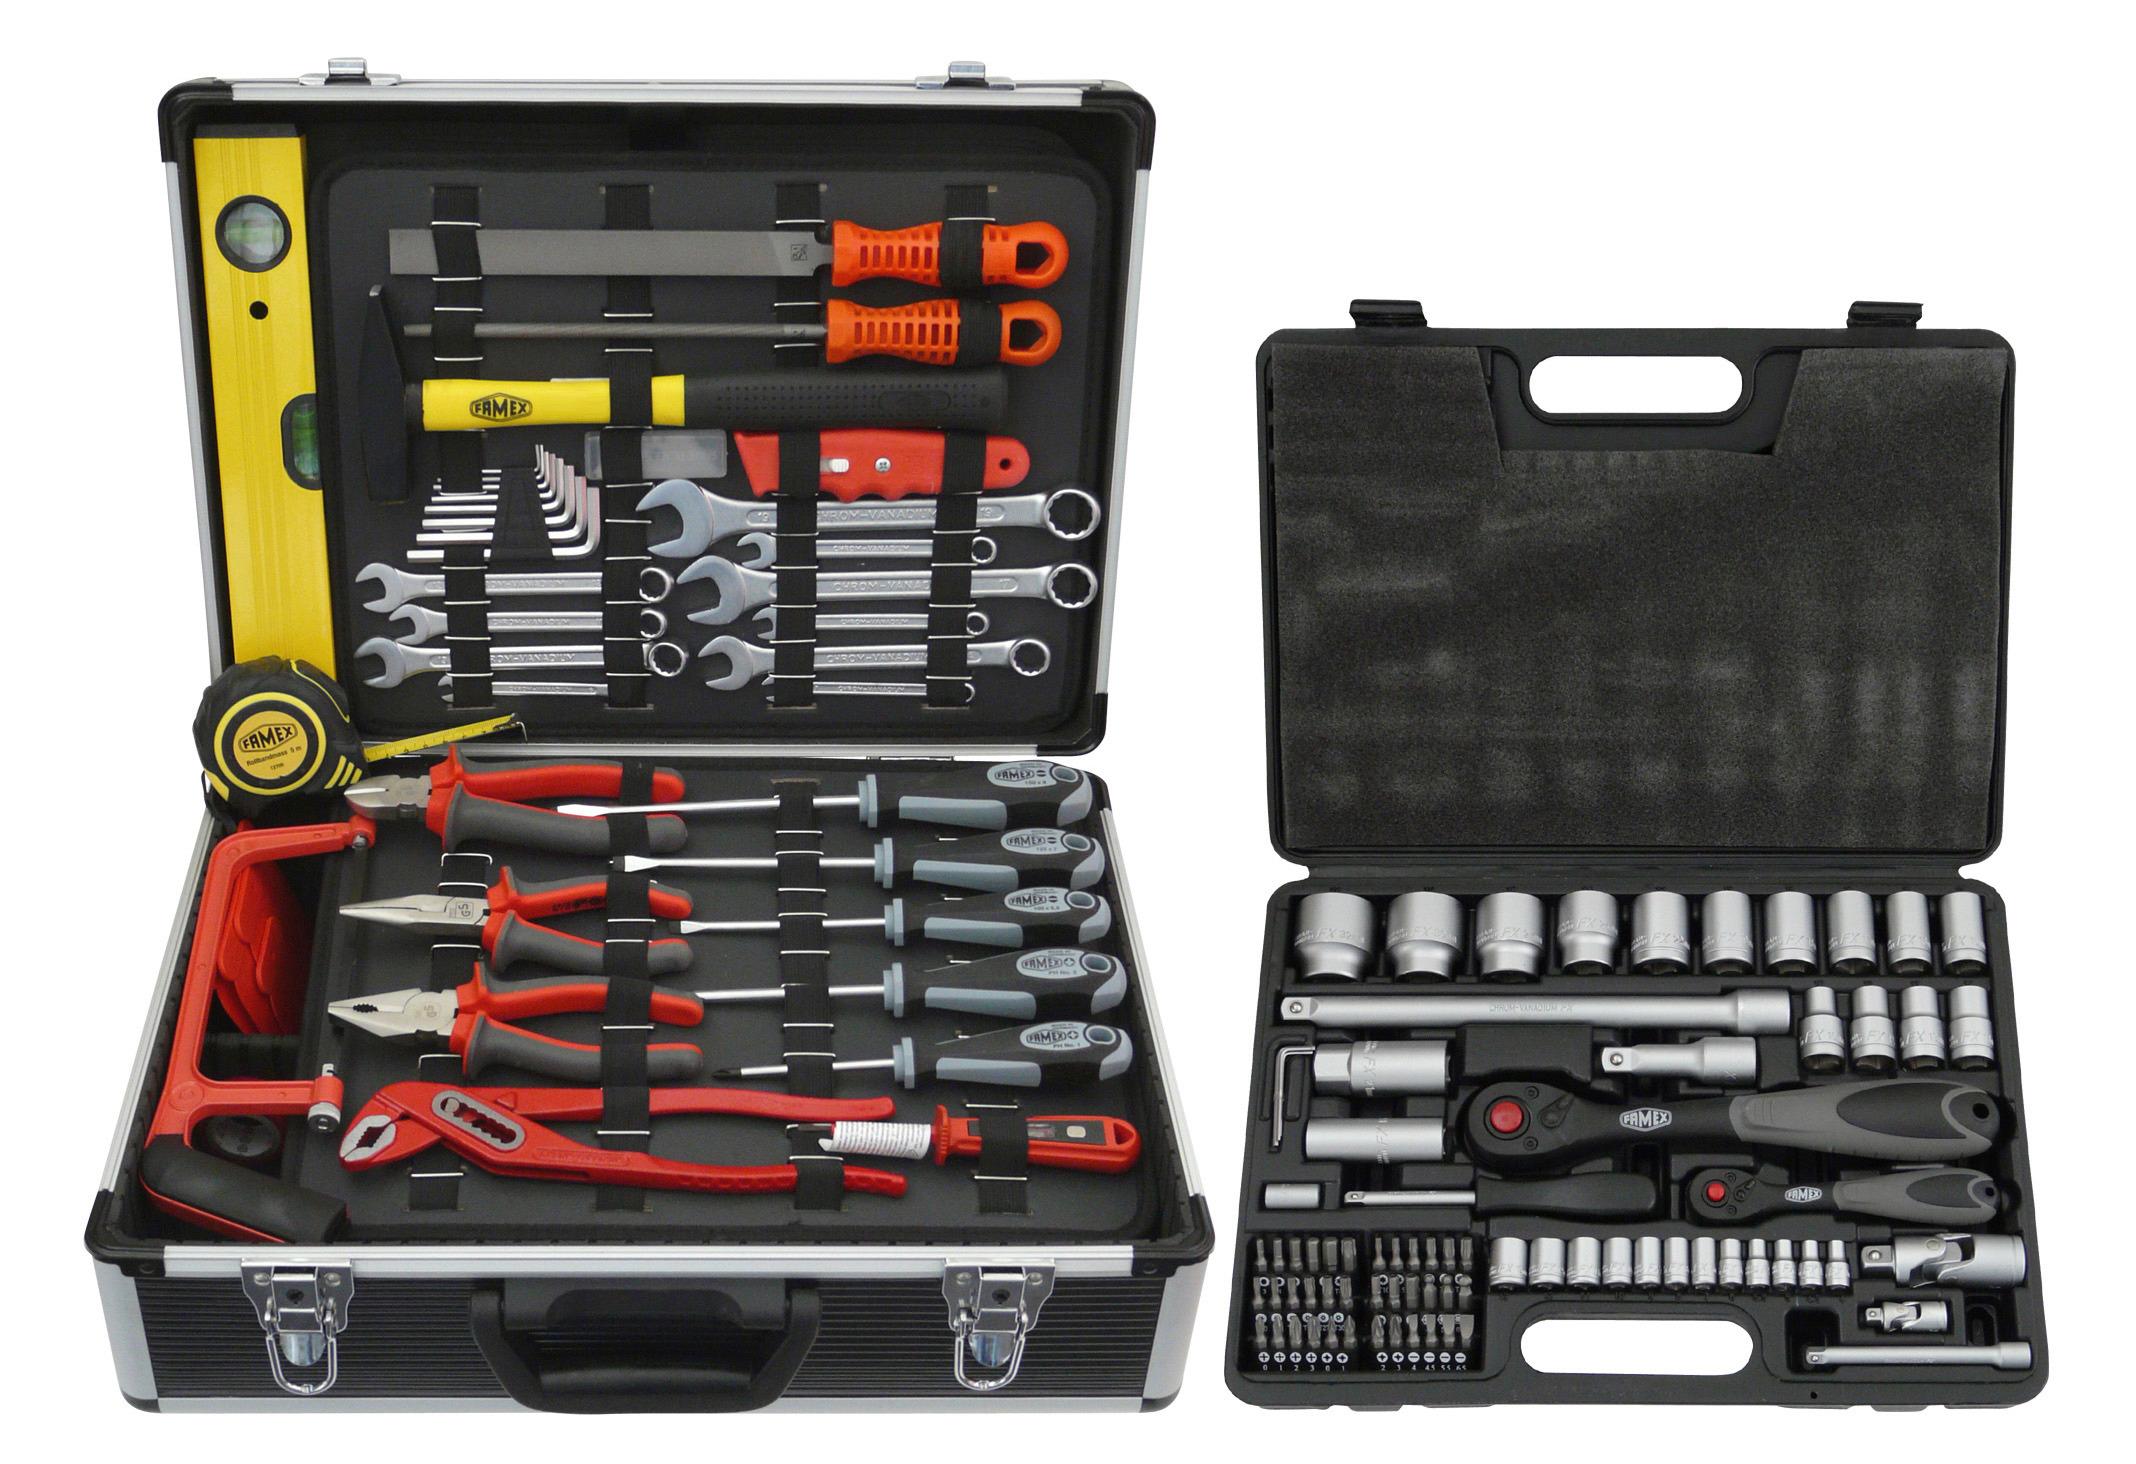 FAMEX Werkzeugkoffer »744 FX-48«, 159-tlg. Set, inkl. 76-tlg. Steckschlüsselsatz   Baumarkt > Werkzeug > Werkzeug-Sets   Schwarz   Stahl - Glasfaser   FAMEX